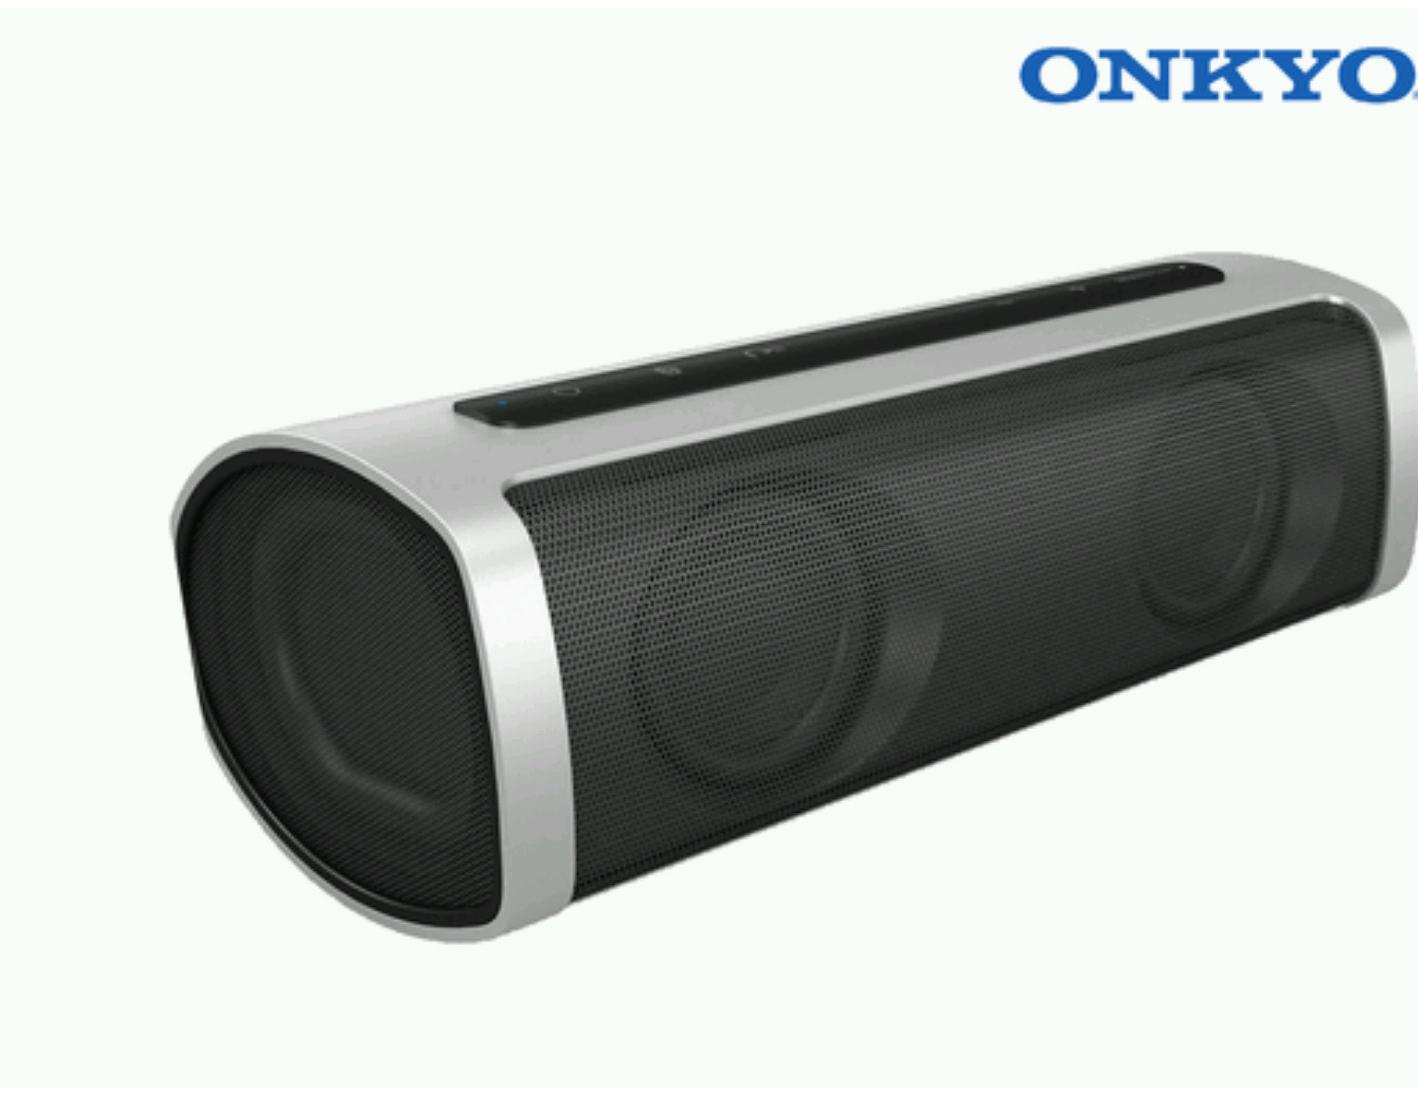 [ibood] Onkyo Bluetooth Lautsprecher um 6,50 Euro inkl. Versand